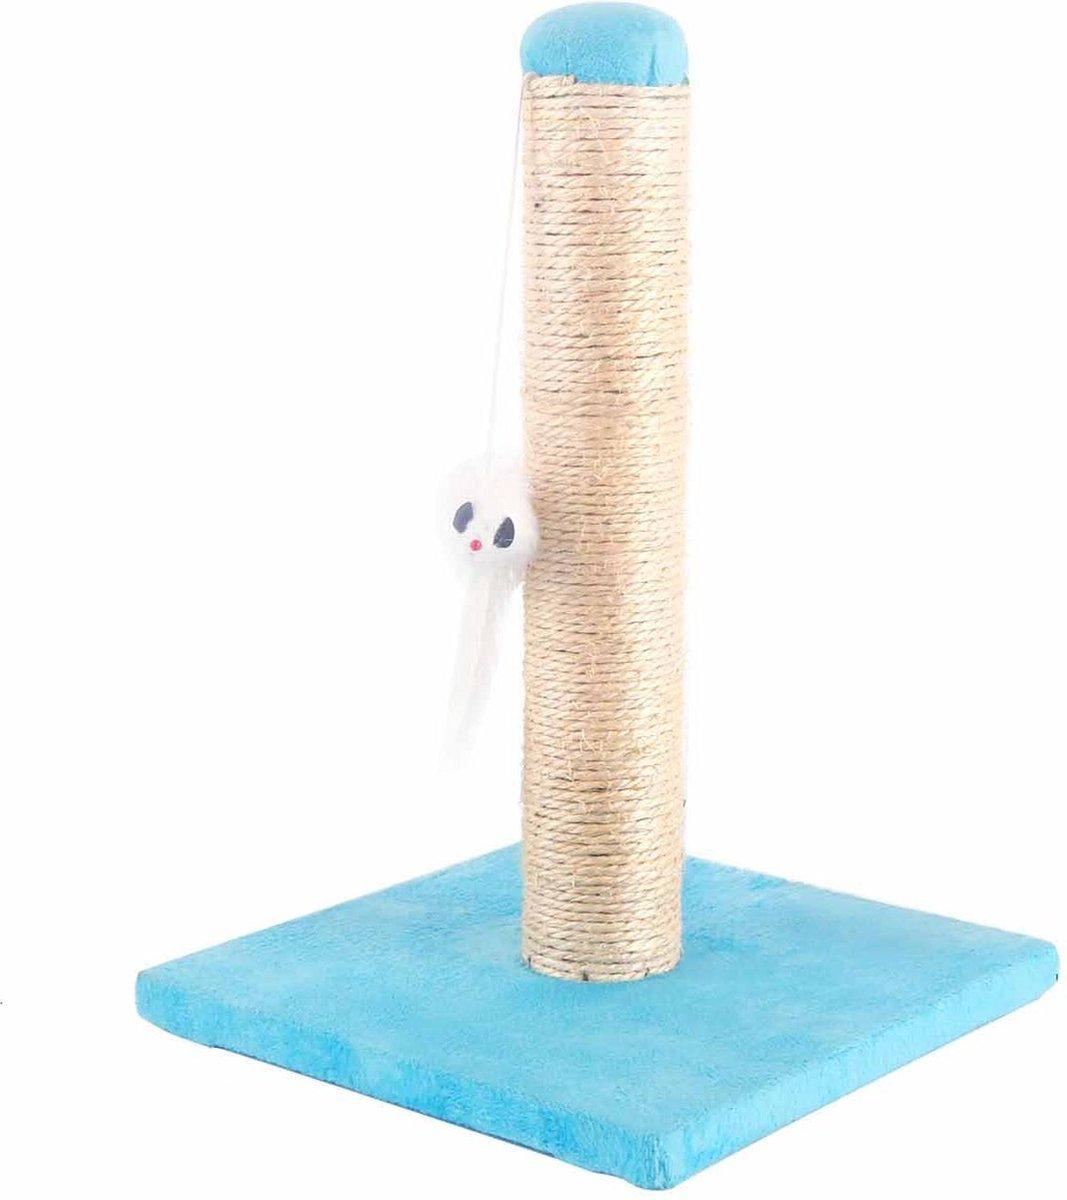 Nobleza krabpaal met speeltje -  25 x 25 x 35 cm - Blauw kopen